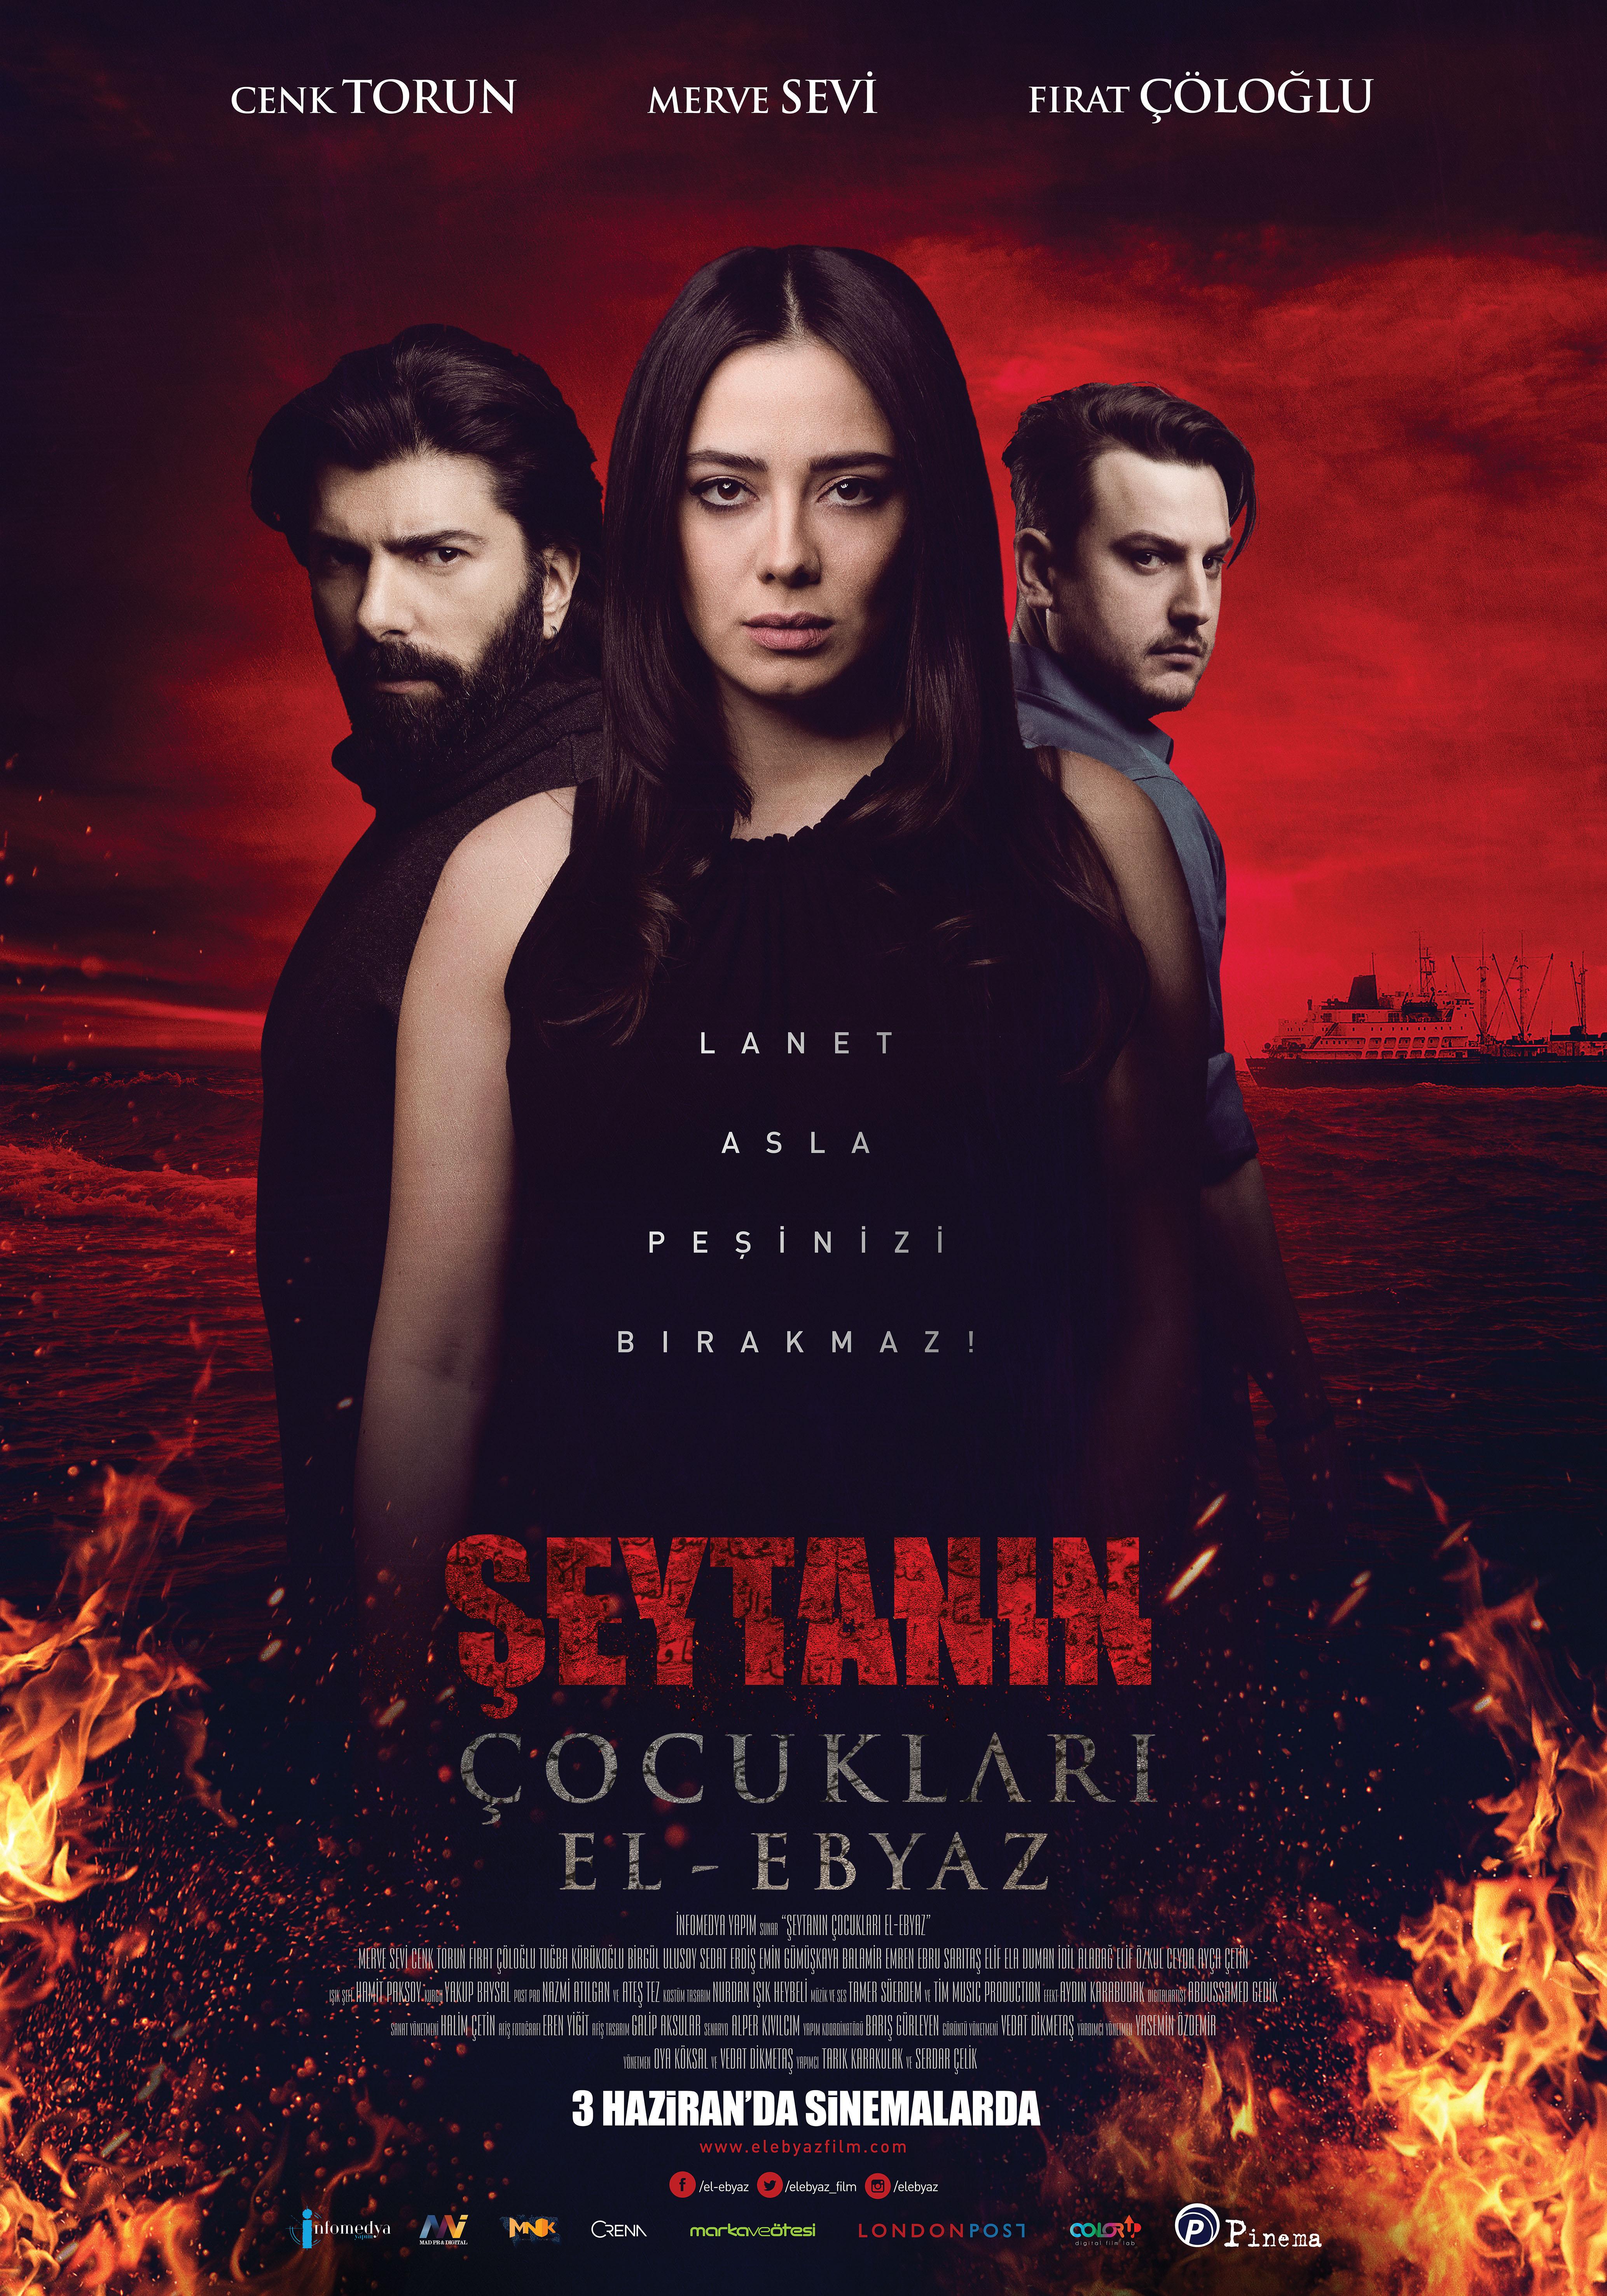 Yildizlar Da Kayar: Das Borak (2016) Main Poster